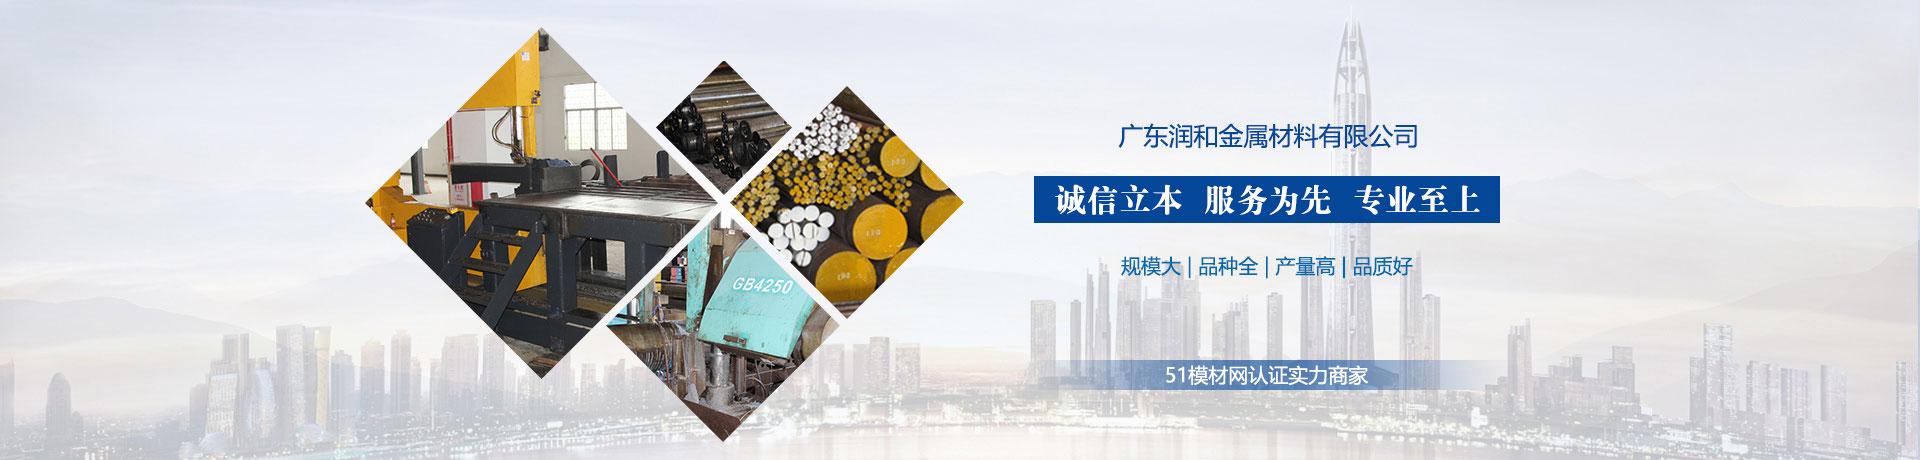 广东润和金属材料有限公司